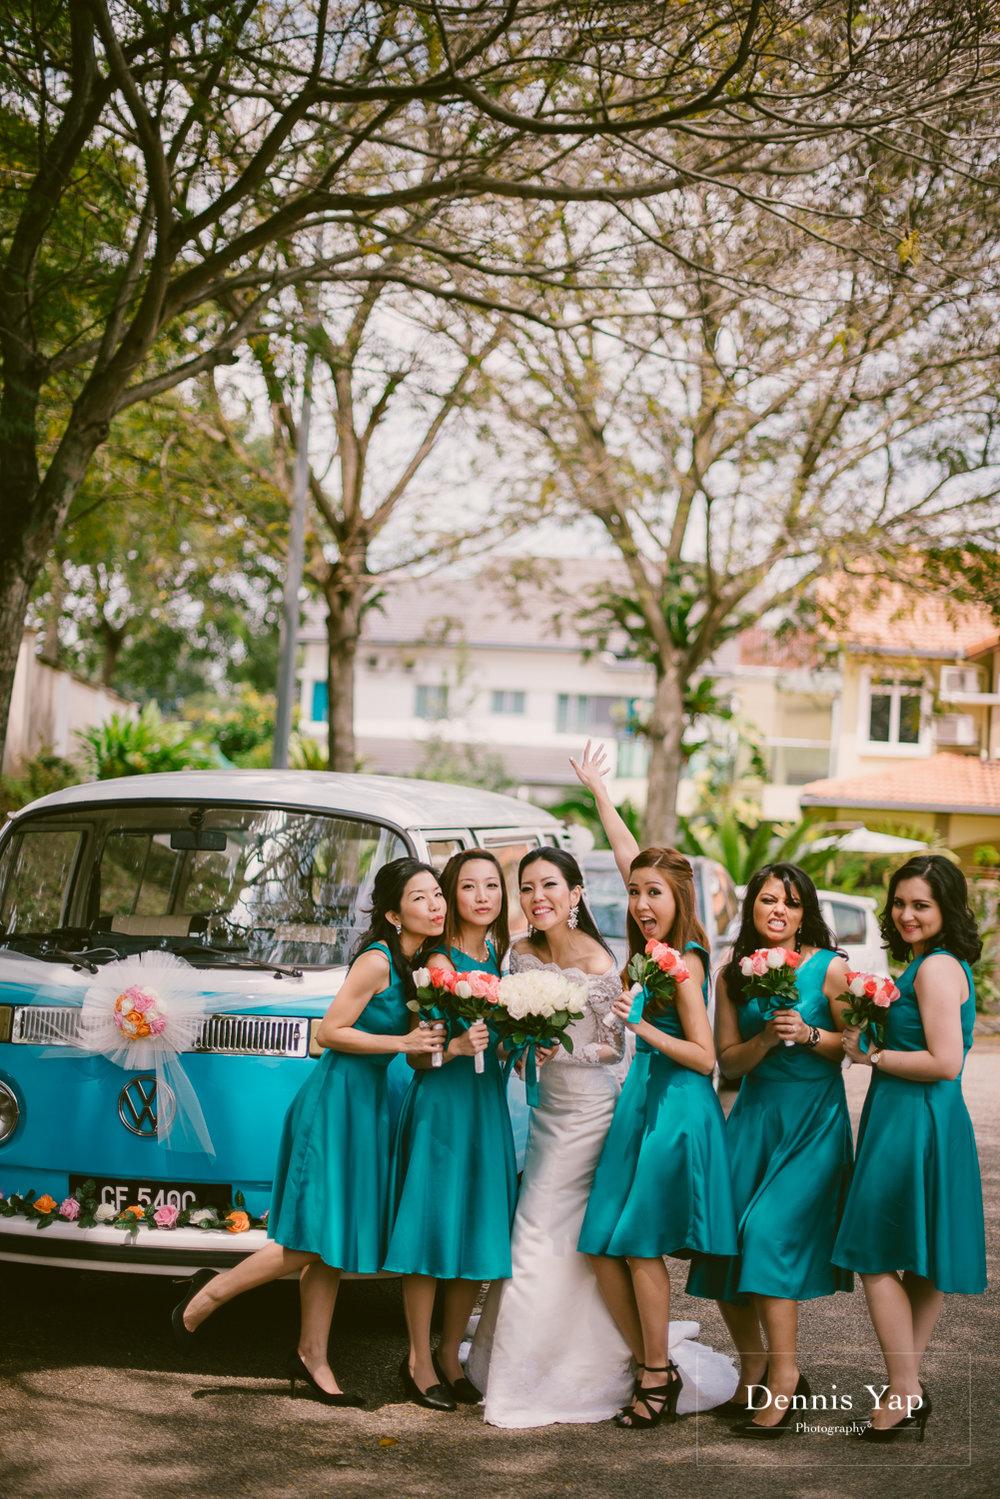 trevor lyn church wedding dinner dennis yap photography double tree le memoria st francis xavier-11.jpg